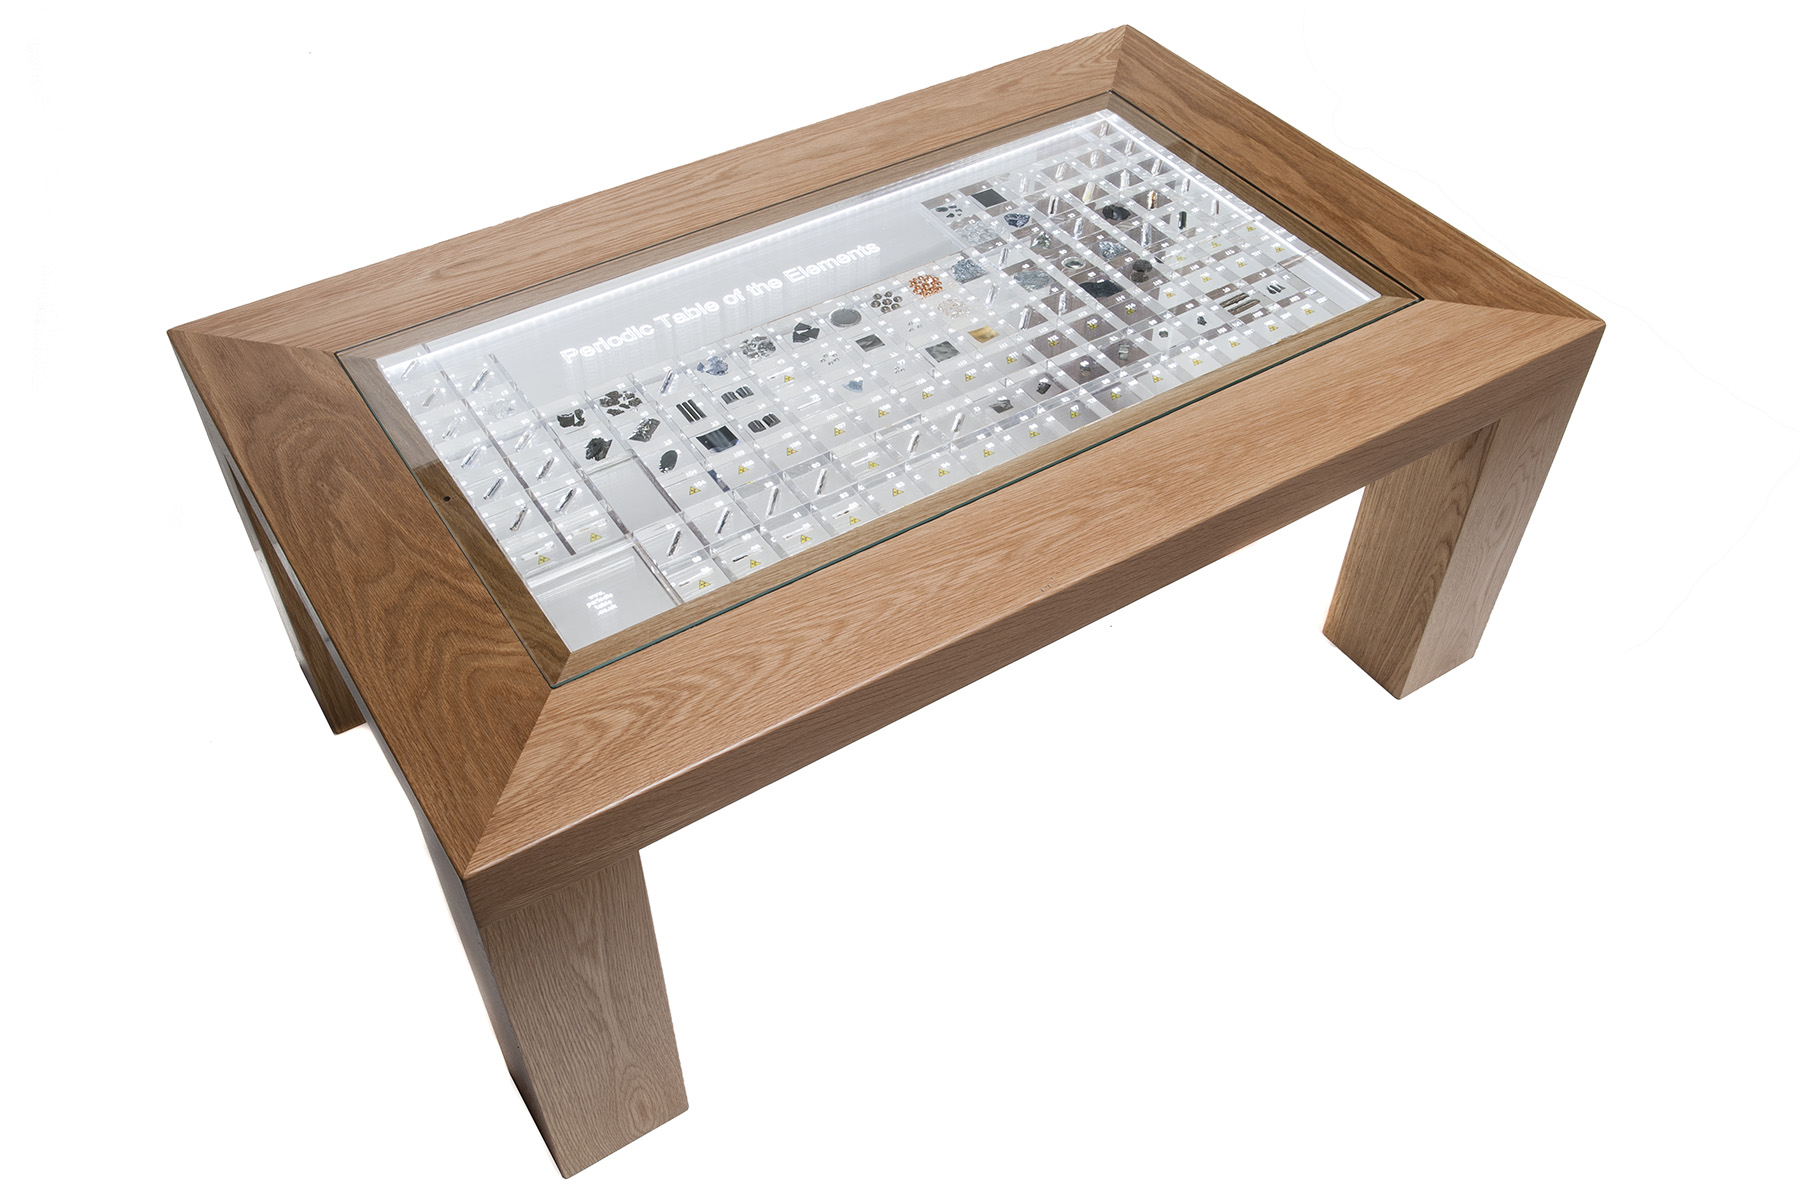 Arte en madera, tablas de cortar, madera maciza, muebles diferentes ...